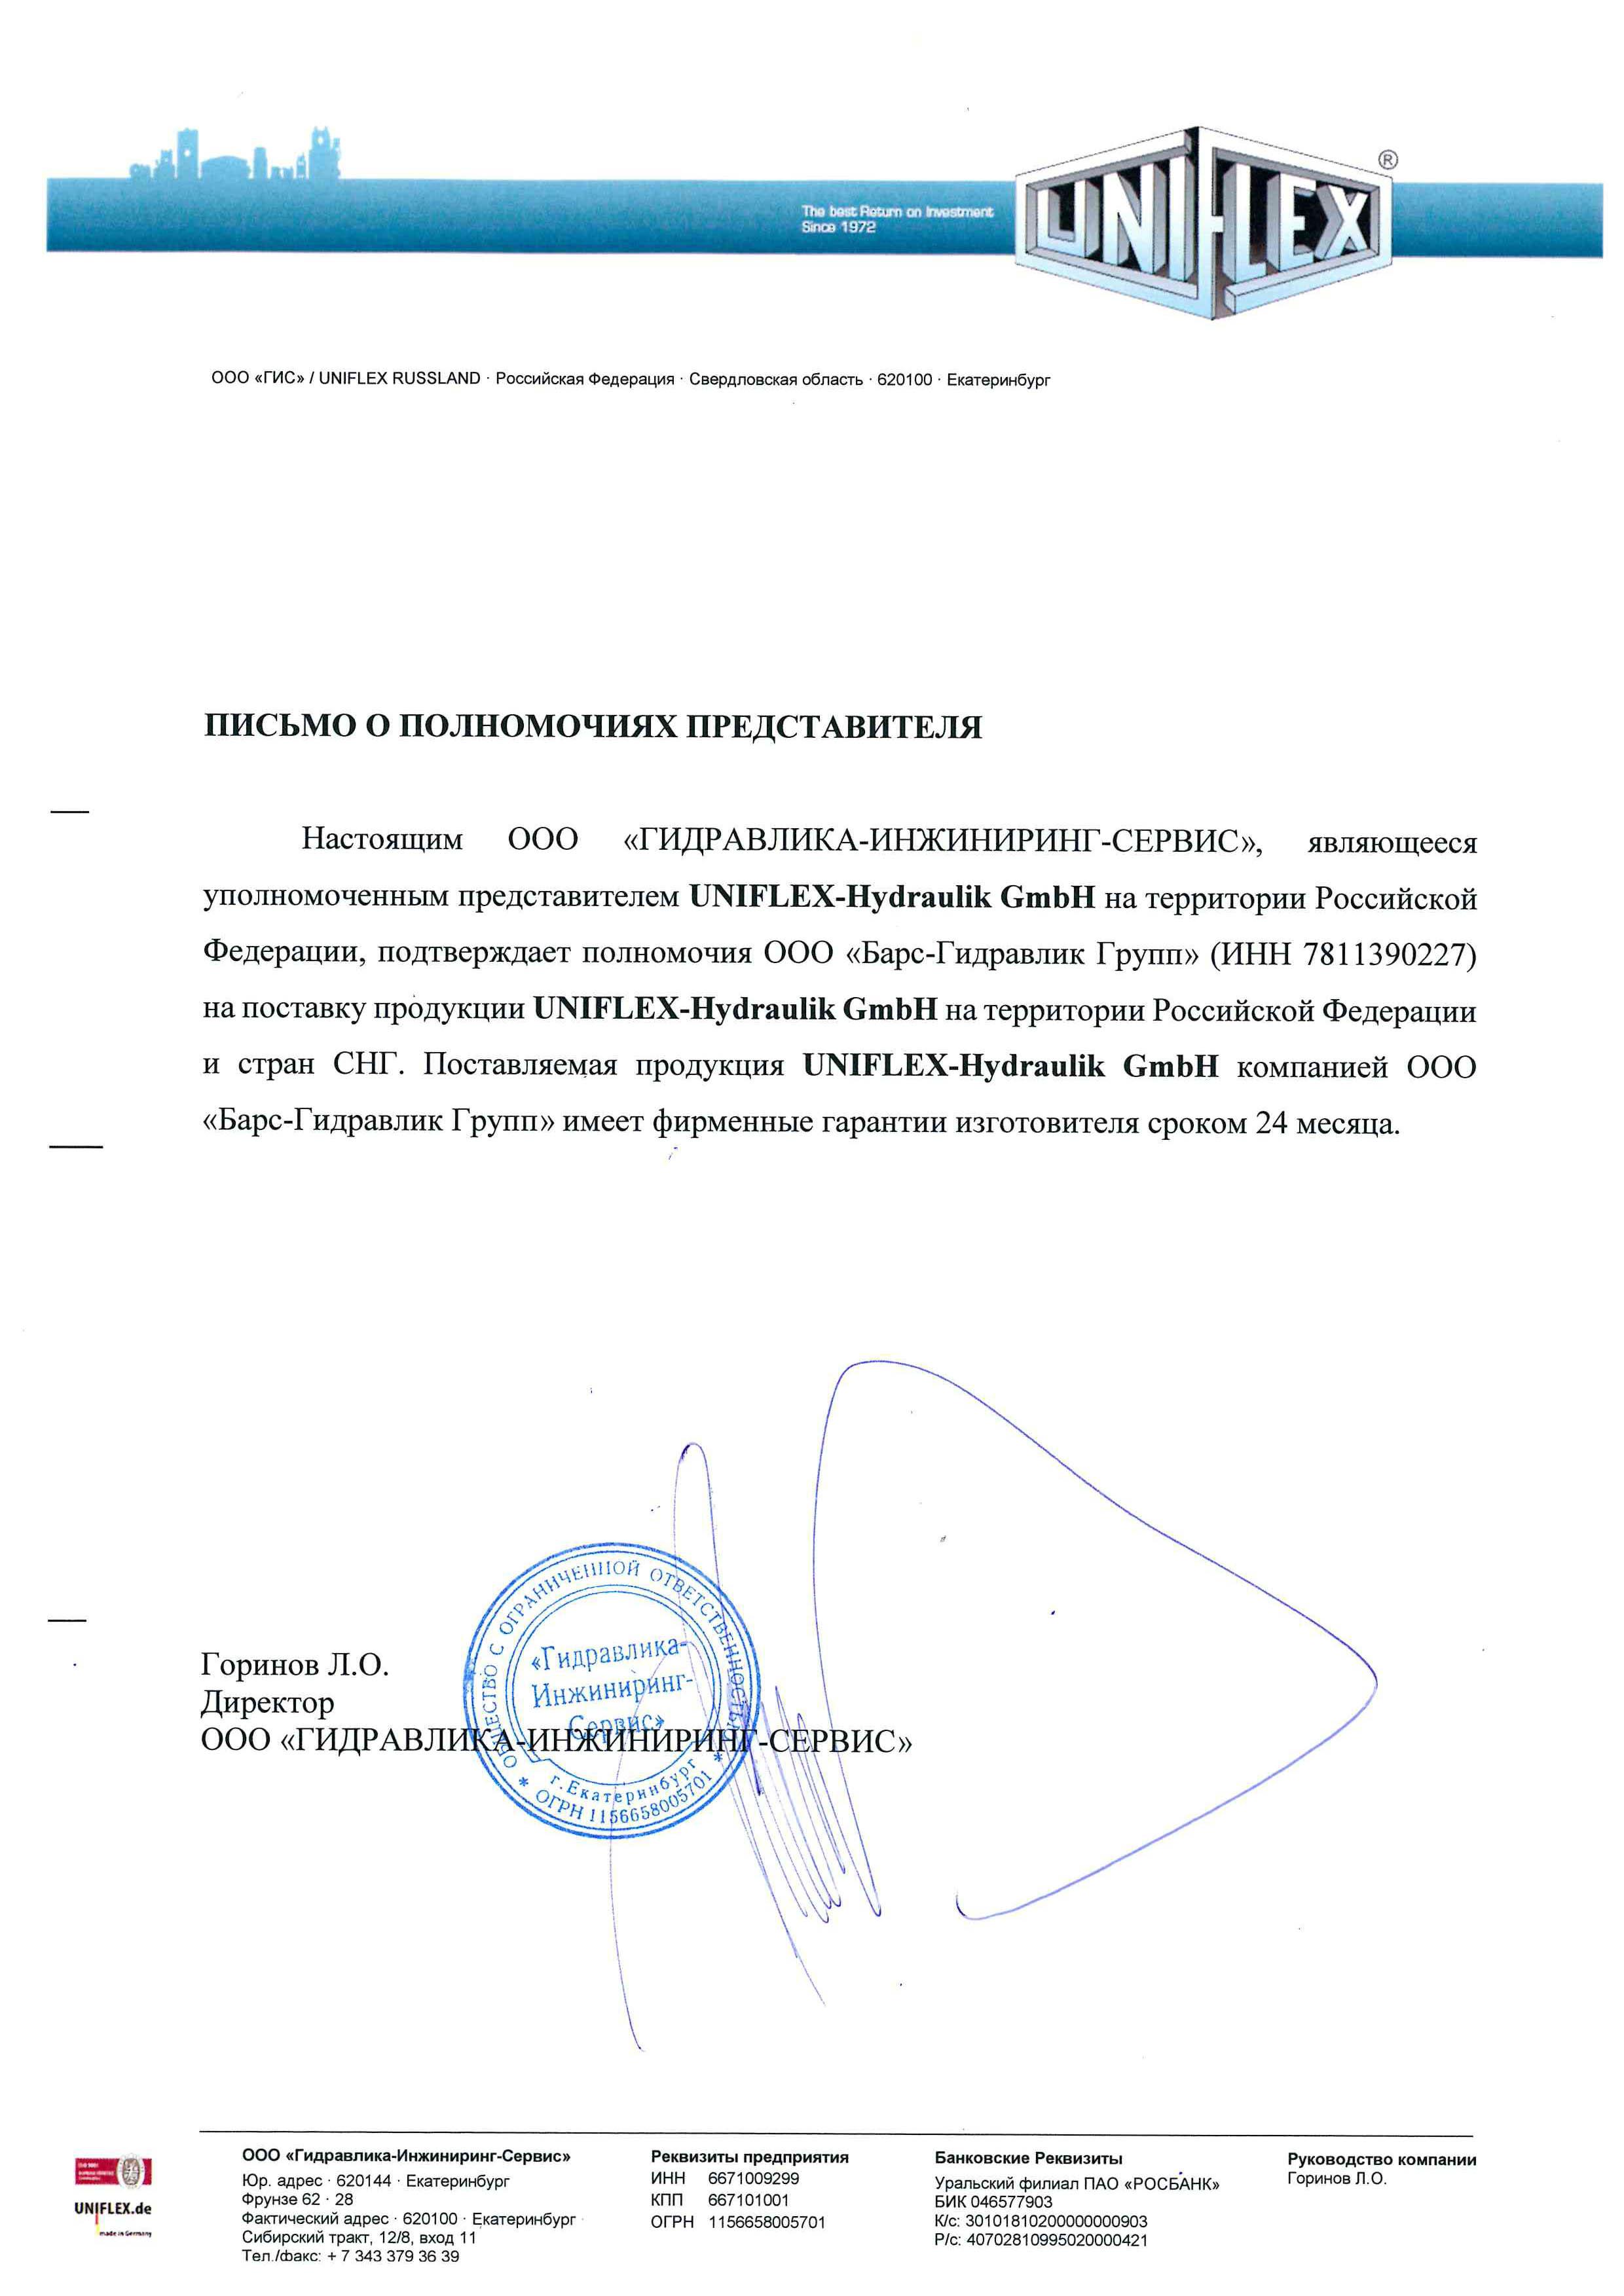 Сертификат UNIFLEX